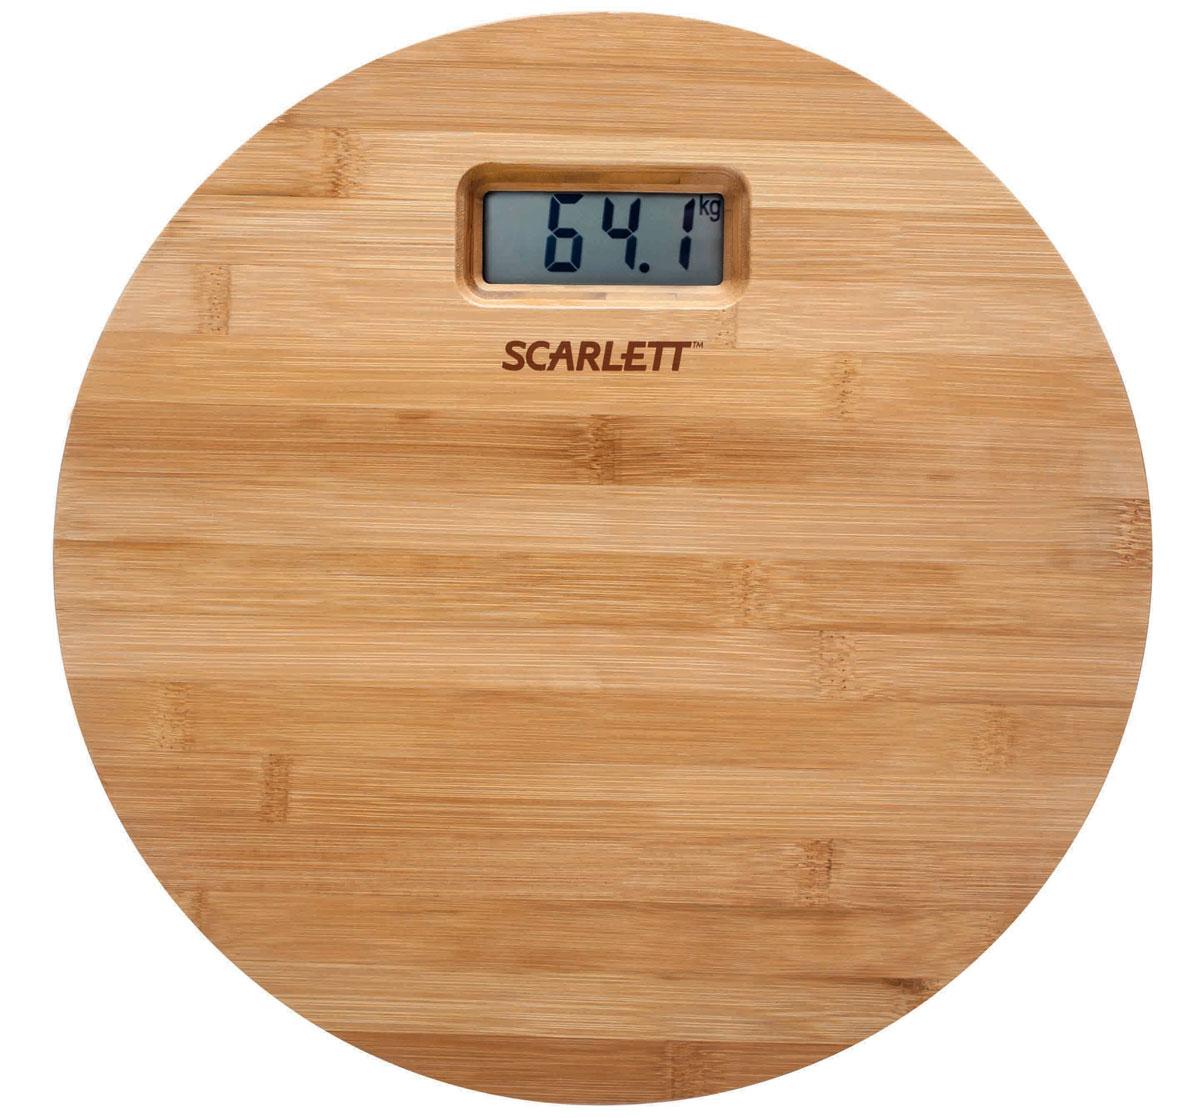 Scarlett SC-BS33E061, Bamboo весы напольныеSC-BS33E061Напольные весы Scarlett SC-BS33E061 имеют уникальный дизайн деревянной платформы. Это простой и удобный способ контролировать свой вес. Максимальная нагрузка на данную модель может составлять 180 кг.При перегрузе загорится предупреждающий сигнал. Также специальная индикация сообщит пользователям о необходимости замены элемента питания. Чтобы весы начали работать, достаточно просто встать на них. После взвешивания прибор отключится самостоятельно.Высокочувствительные датчикиИндикатор перегрузкиИндикатор батарейкиЦифровой жидкокристаллический дисплейПрорезиненные ножки